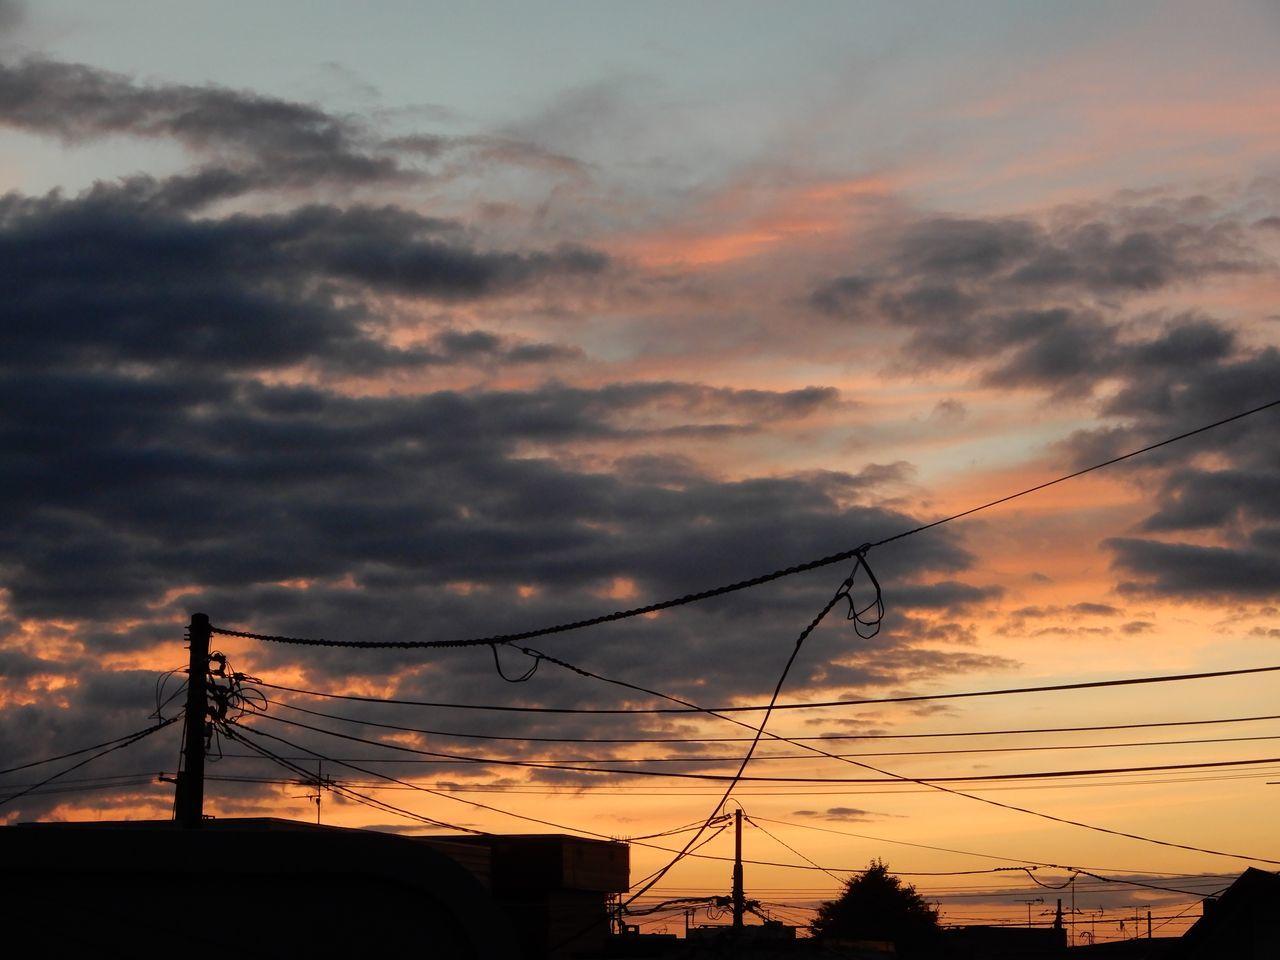 夏日にはなるがなんとなく寒い日々_c0025115_22374308.jpg